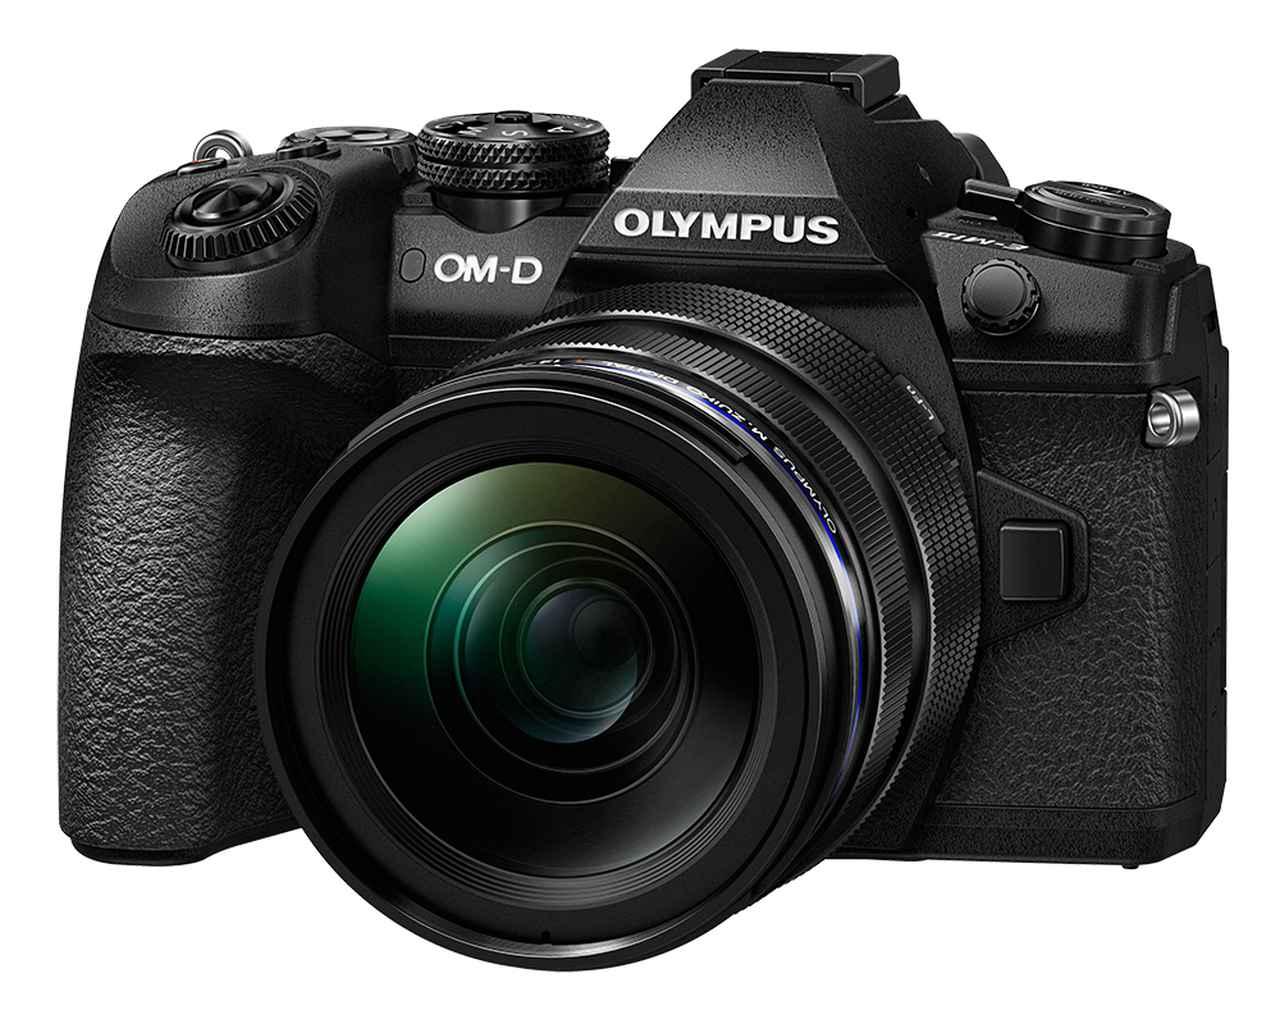 画像: オリンパス OM-D E-M1 Mark IIと、キットレンズのM.ZUIKO ED 12-40mm F2.8 PRO